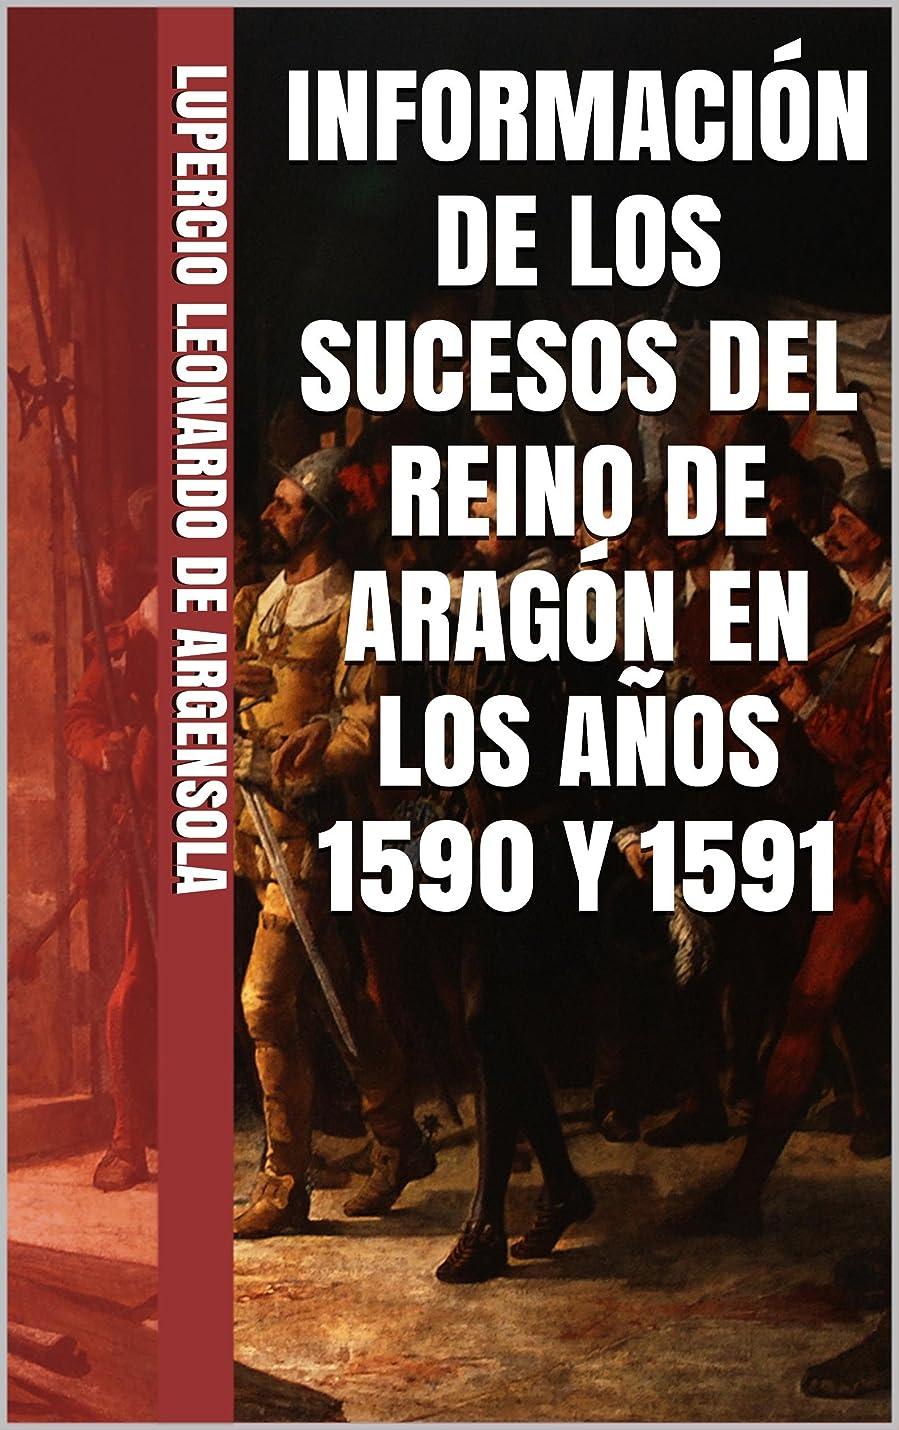 オーケストラ学校サワーINFORMACIóN DE LOS SUCESOS DEL REINO DE ARAGóN EN LOS A?OS 1590 Y 1591 (Spanish Edition)